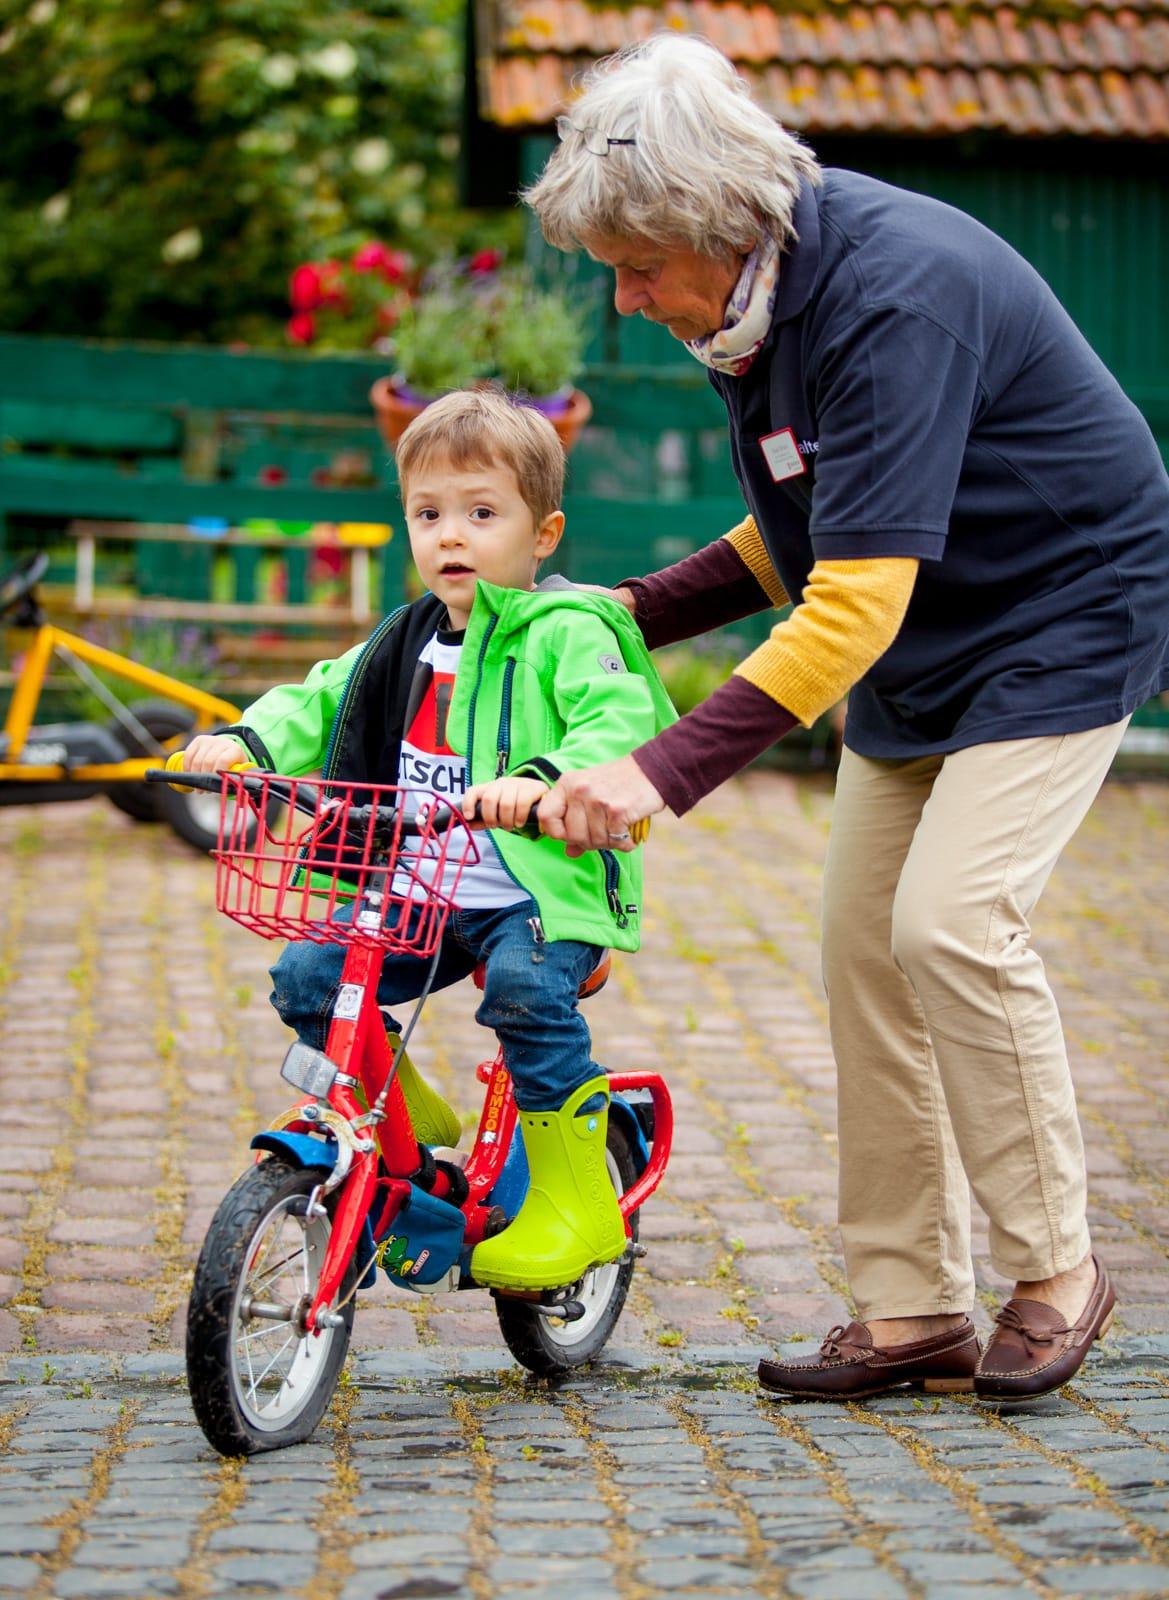 Ein kleines Kind fährt Fahrrad und wir von einer Frau unterstützt